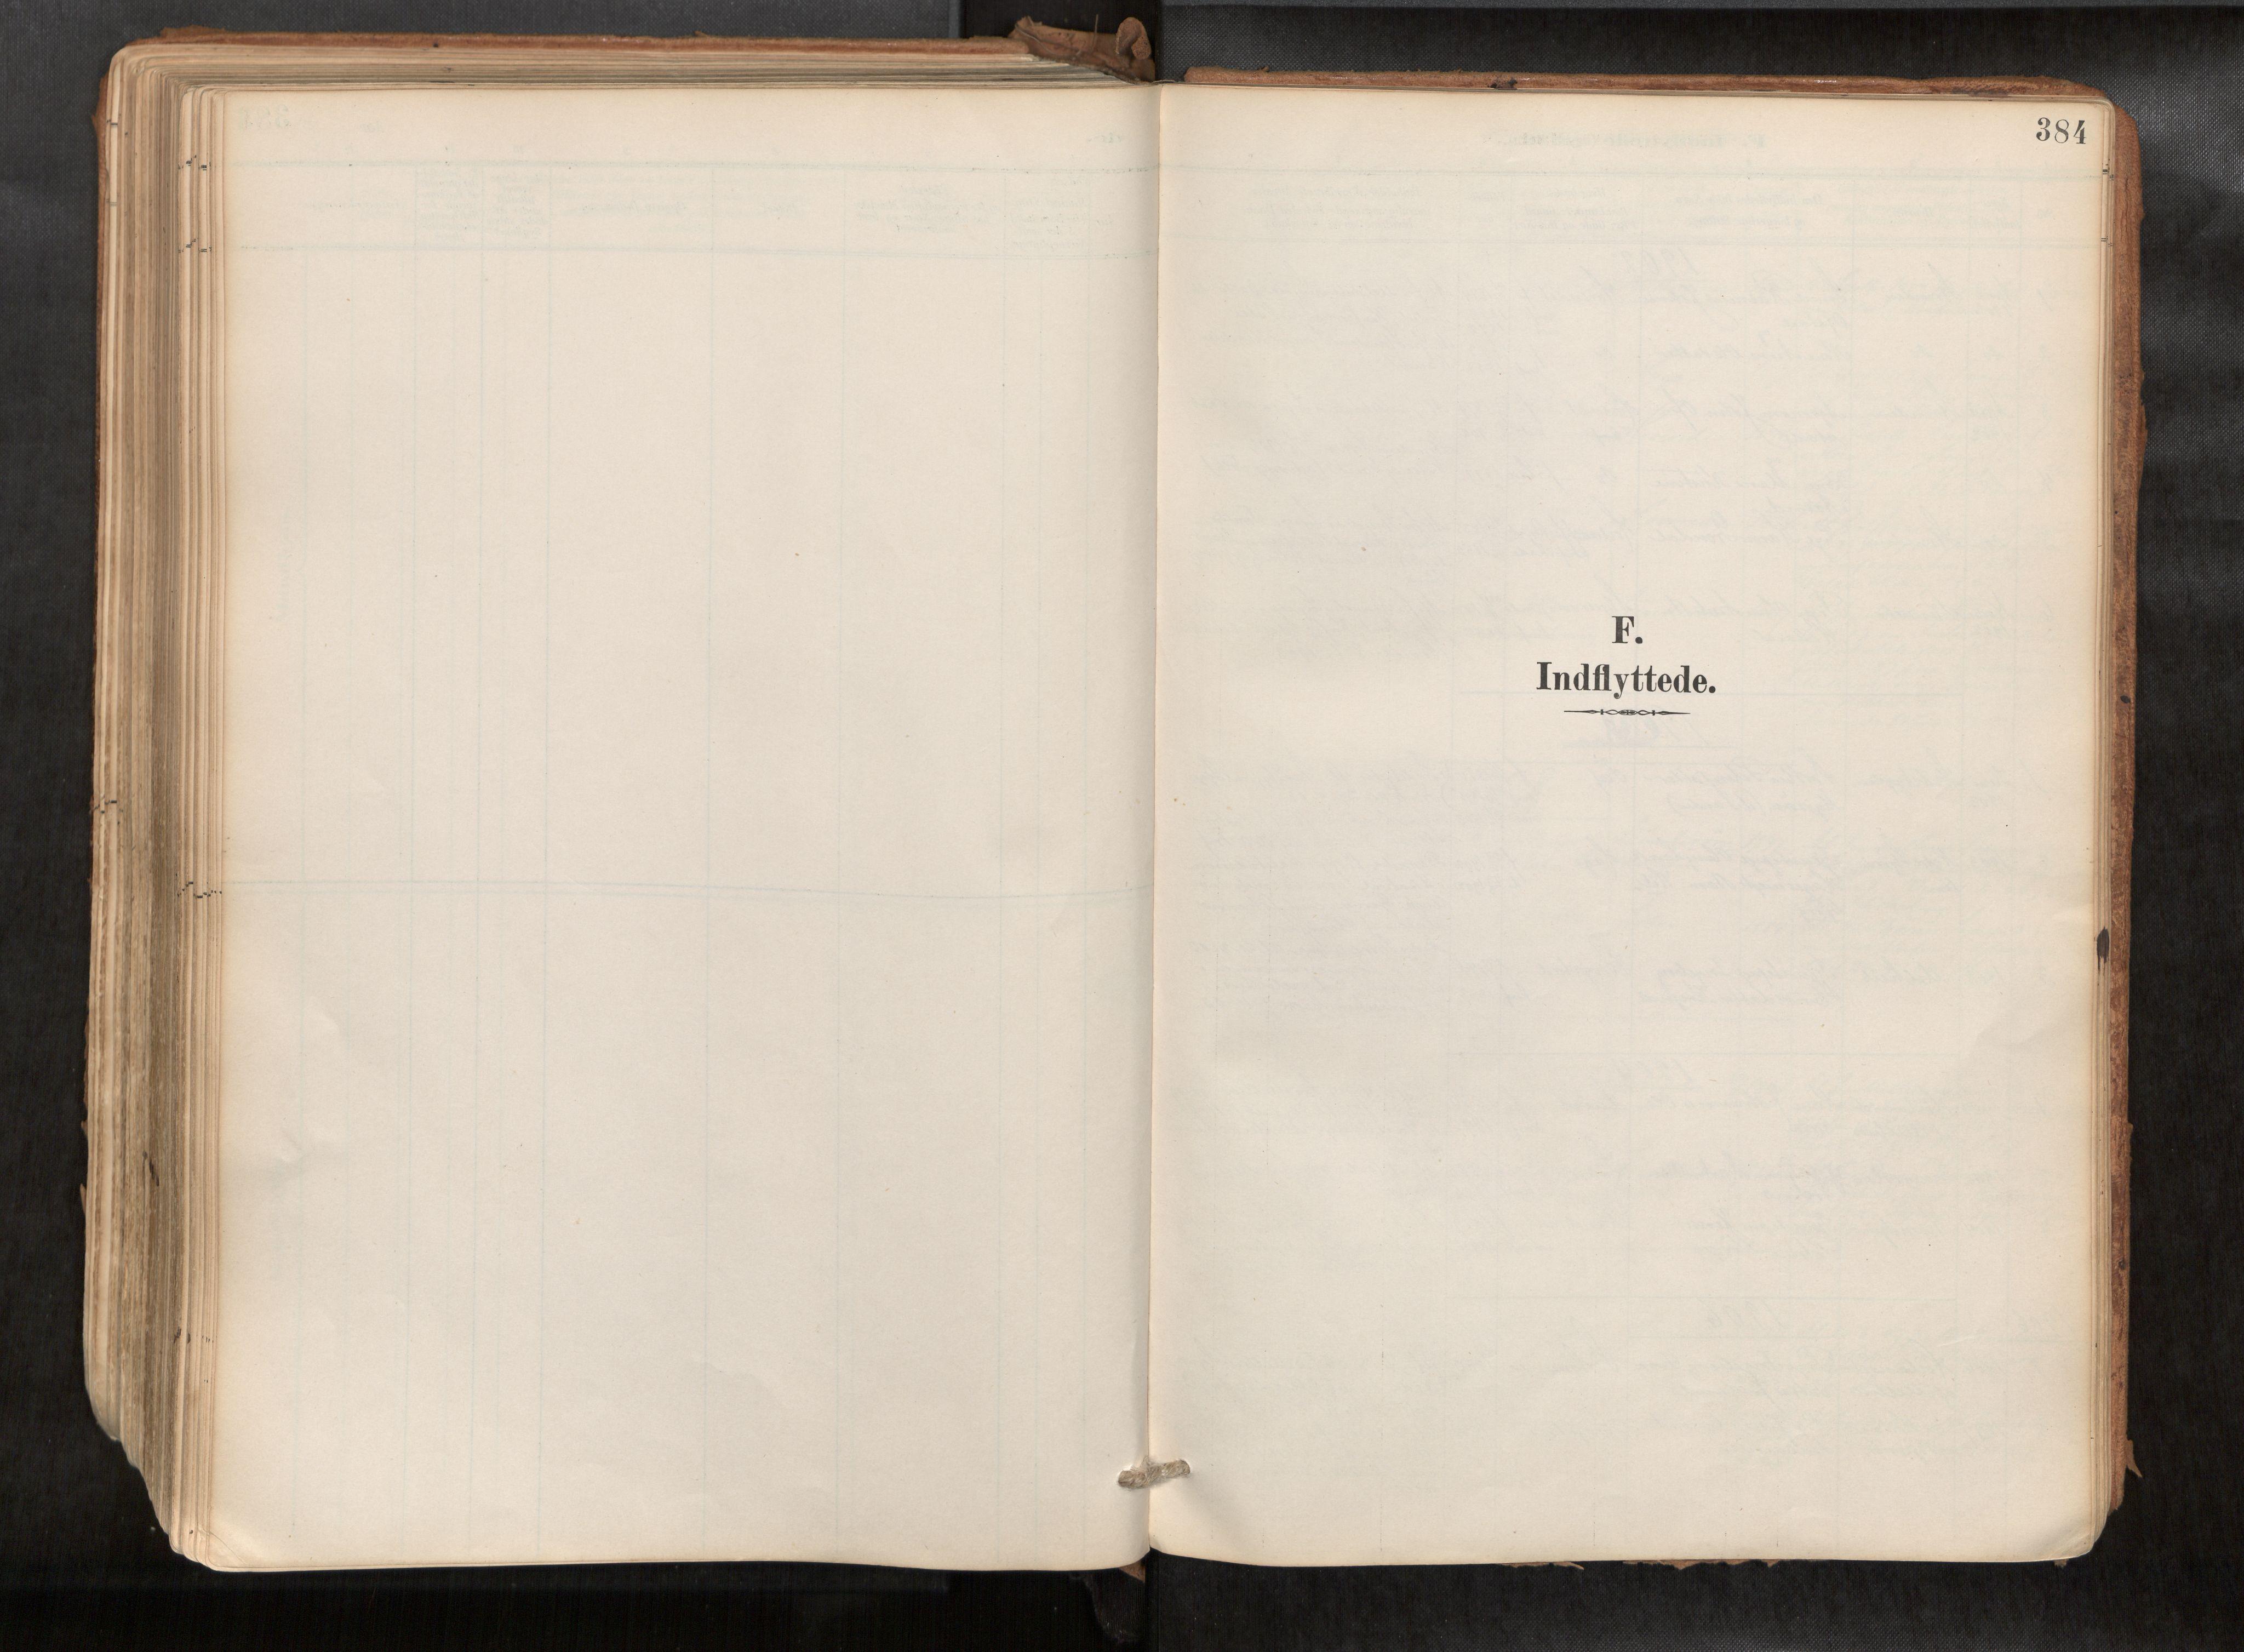 SAT, Ministerialprotokoller, klokkerbøker og fødselsregistre - Sør-Trøndelag, 692/L1105b: Ministerialbok nr. 692A06, 1891-1934, s. 384